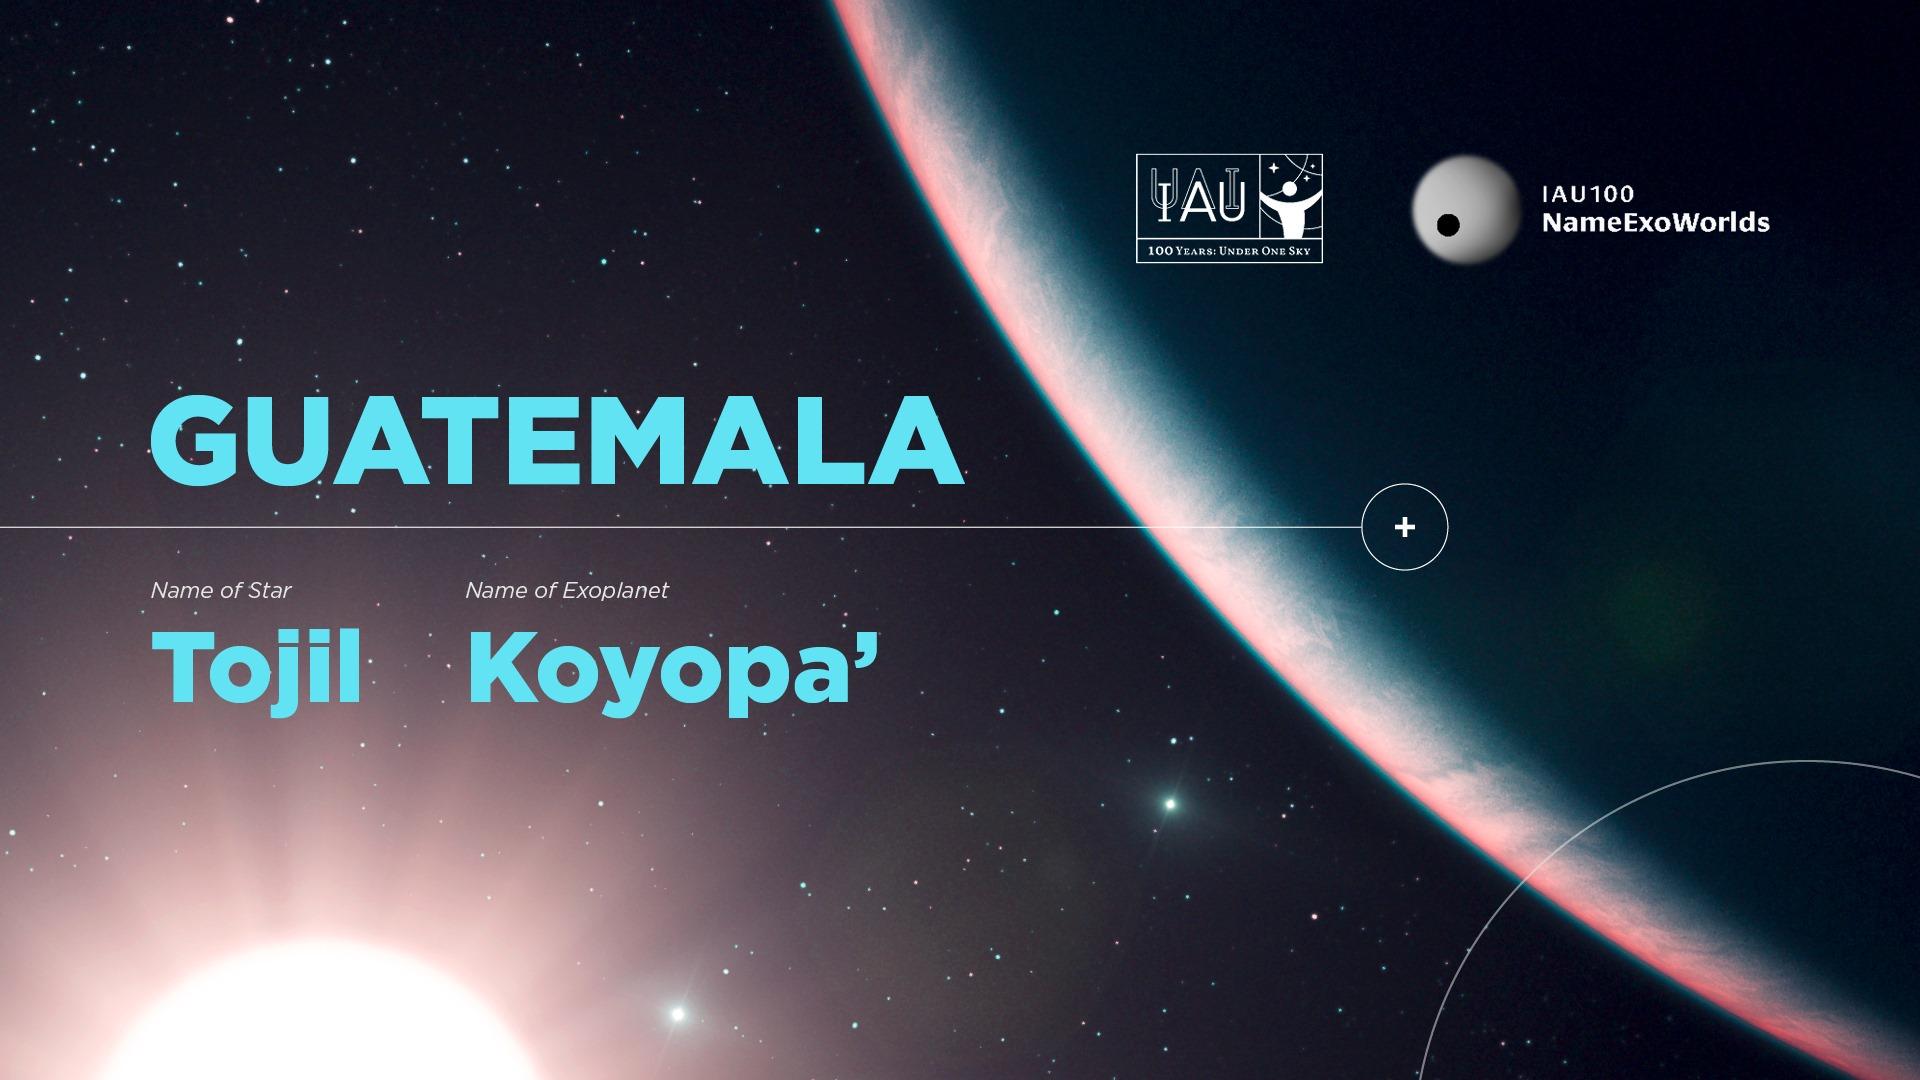 Guatemala nombró una estrella y un exoplaneta en la constelación de Eridanus